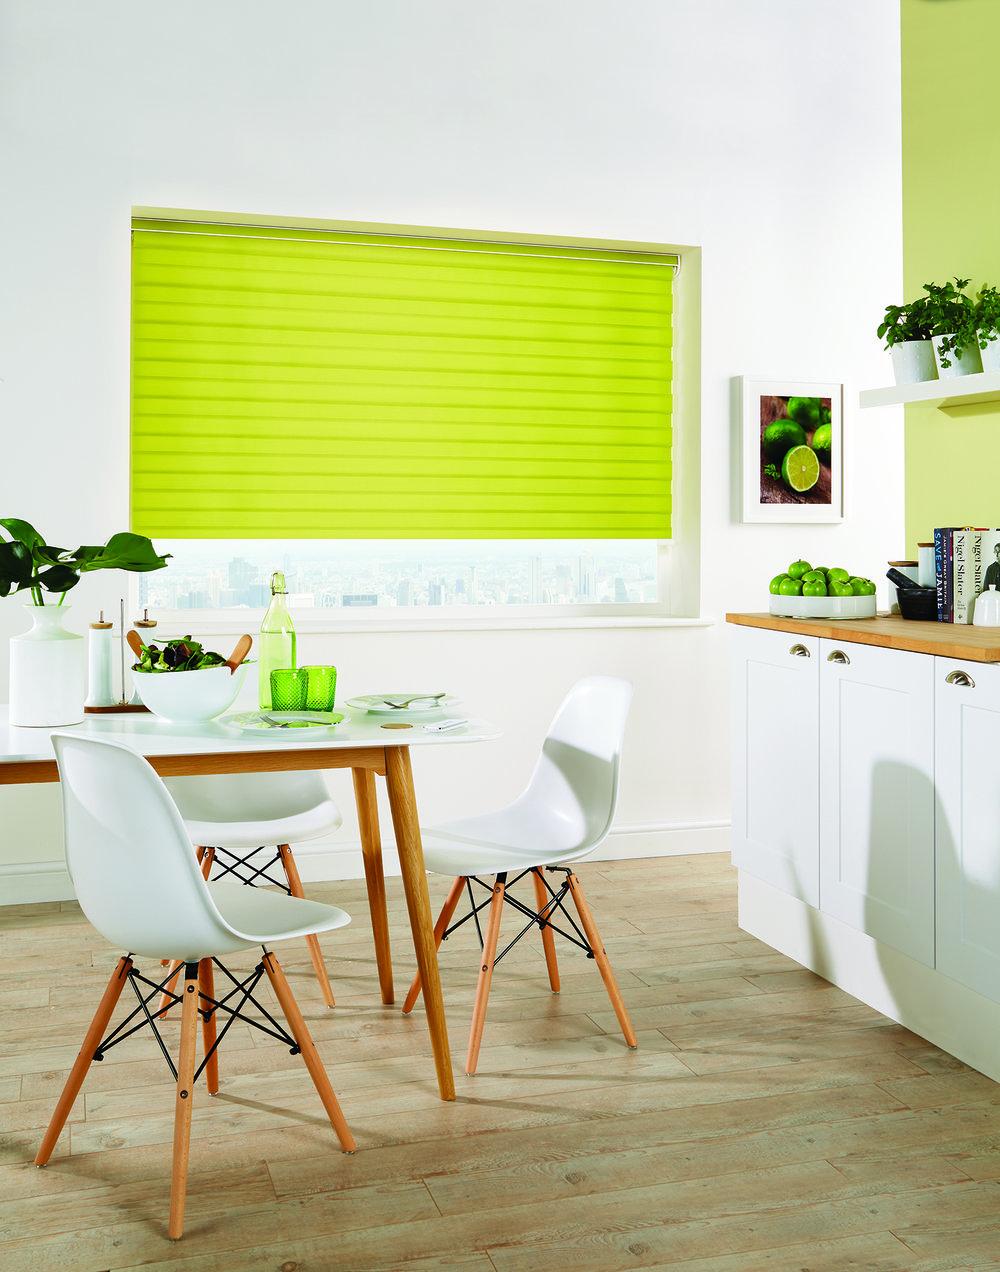 LL_Vision_Capri_Colour_Paradise_Green_closed_opaque_opaque_Main1.jpg